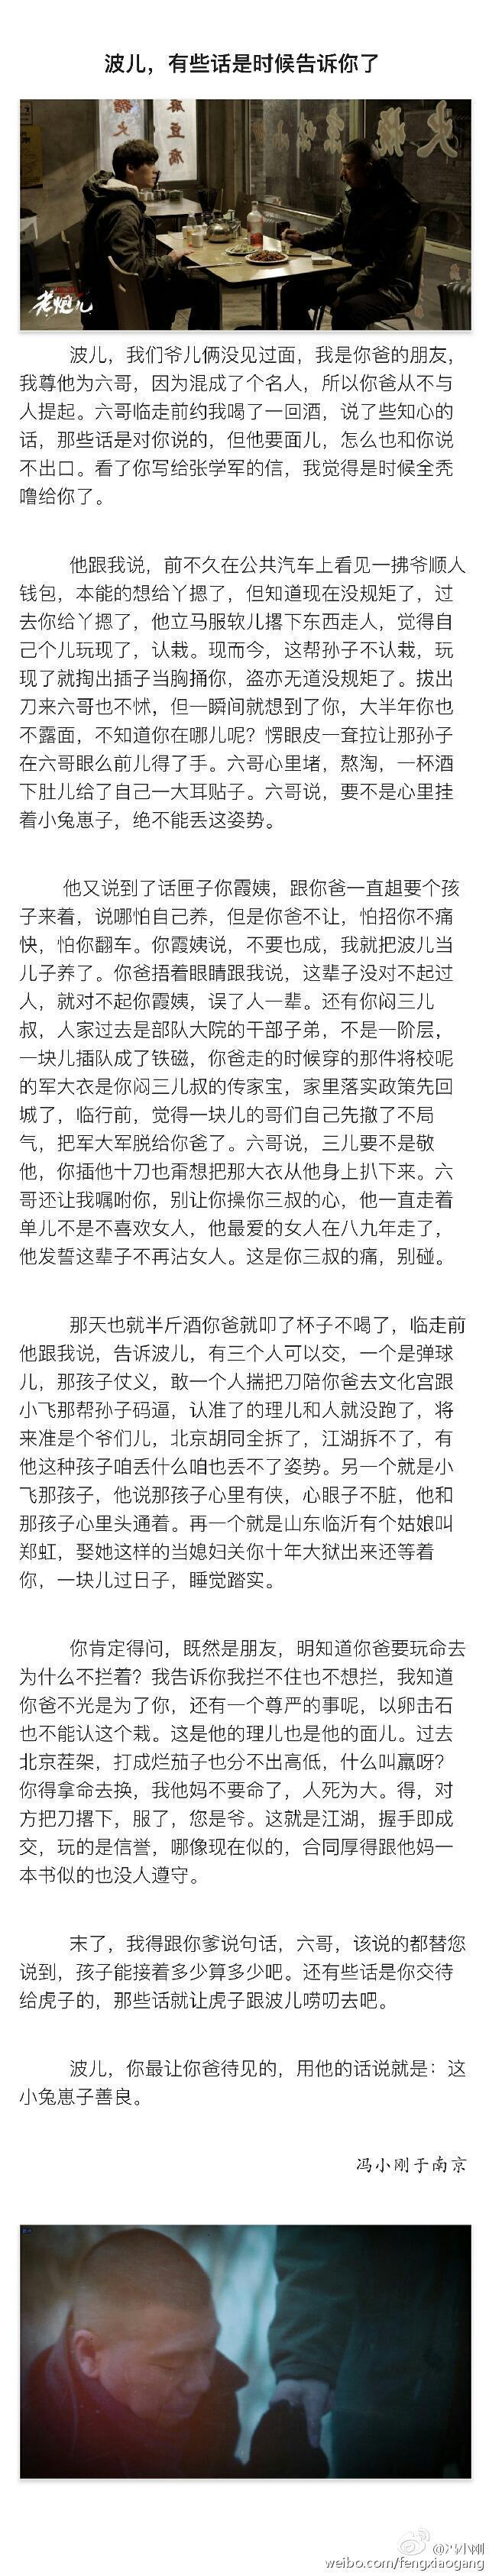 冯小刚李易峰互致书信 《老炮儿》父子档隔空吐露心声